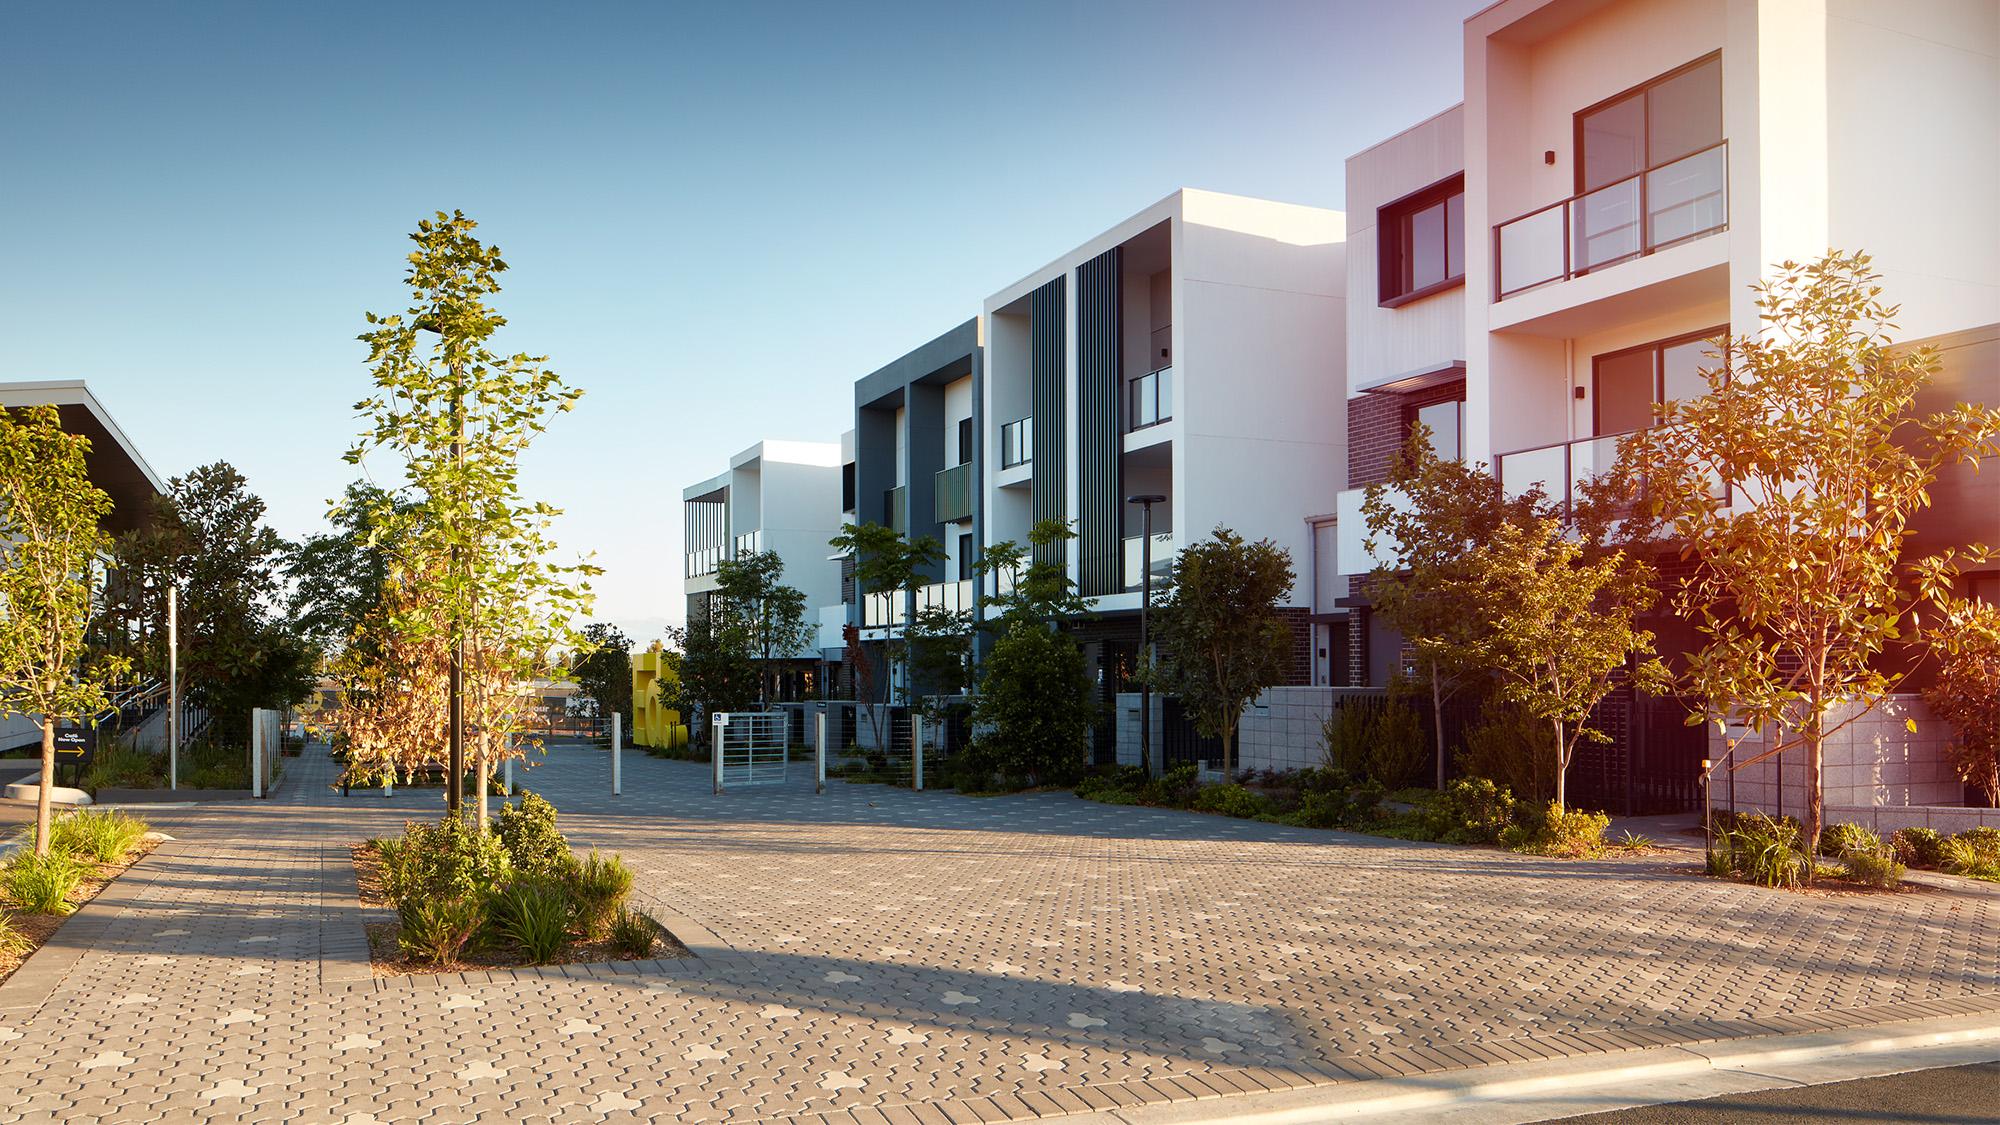 Property For Sale at Ed Square, Edmondson Park | Frasers